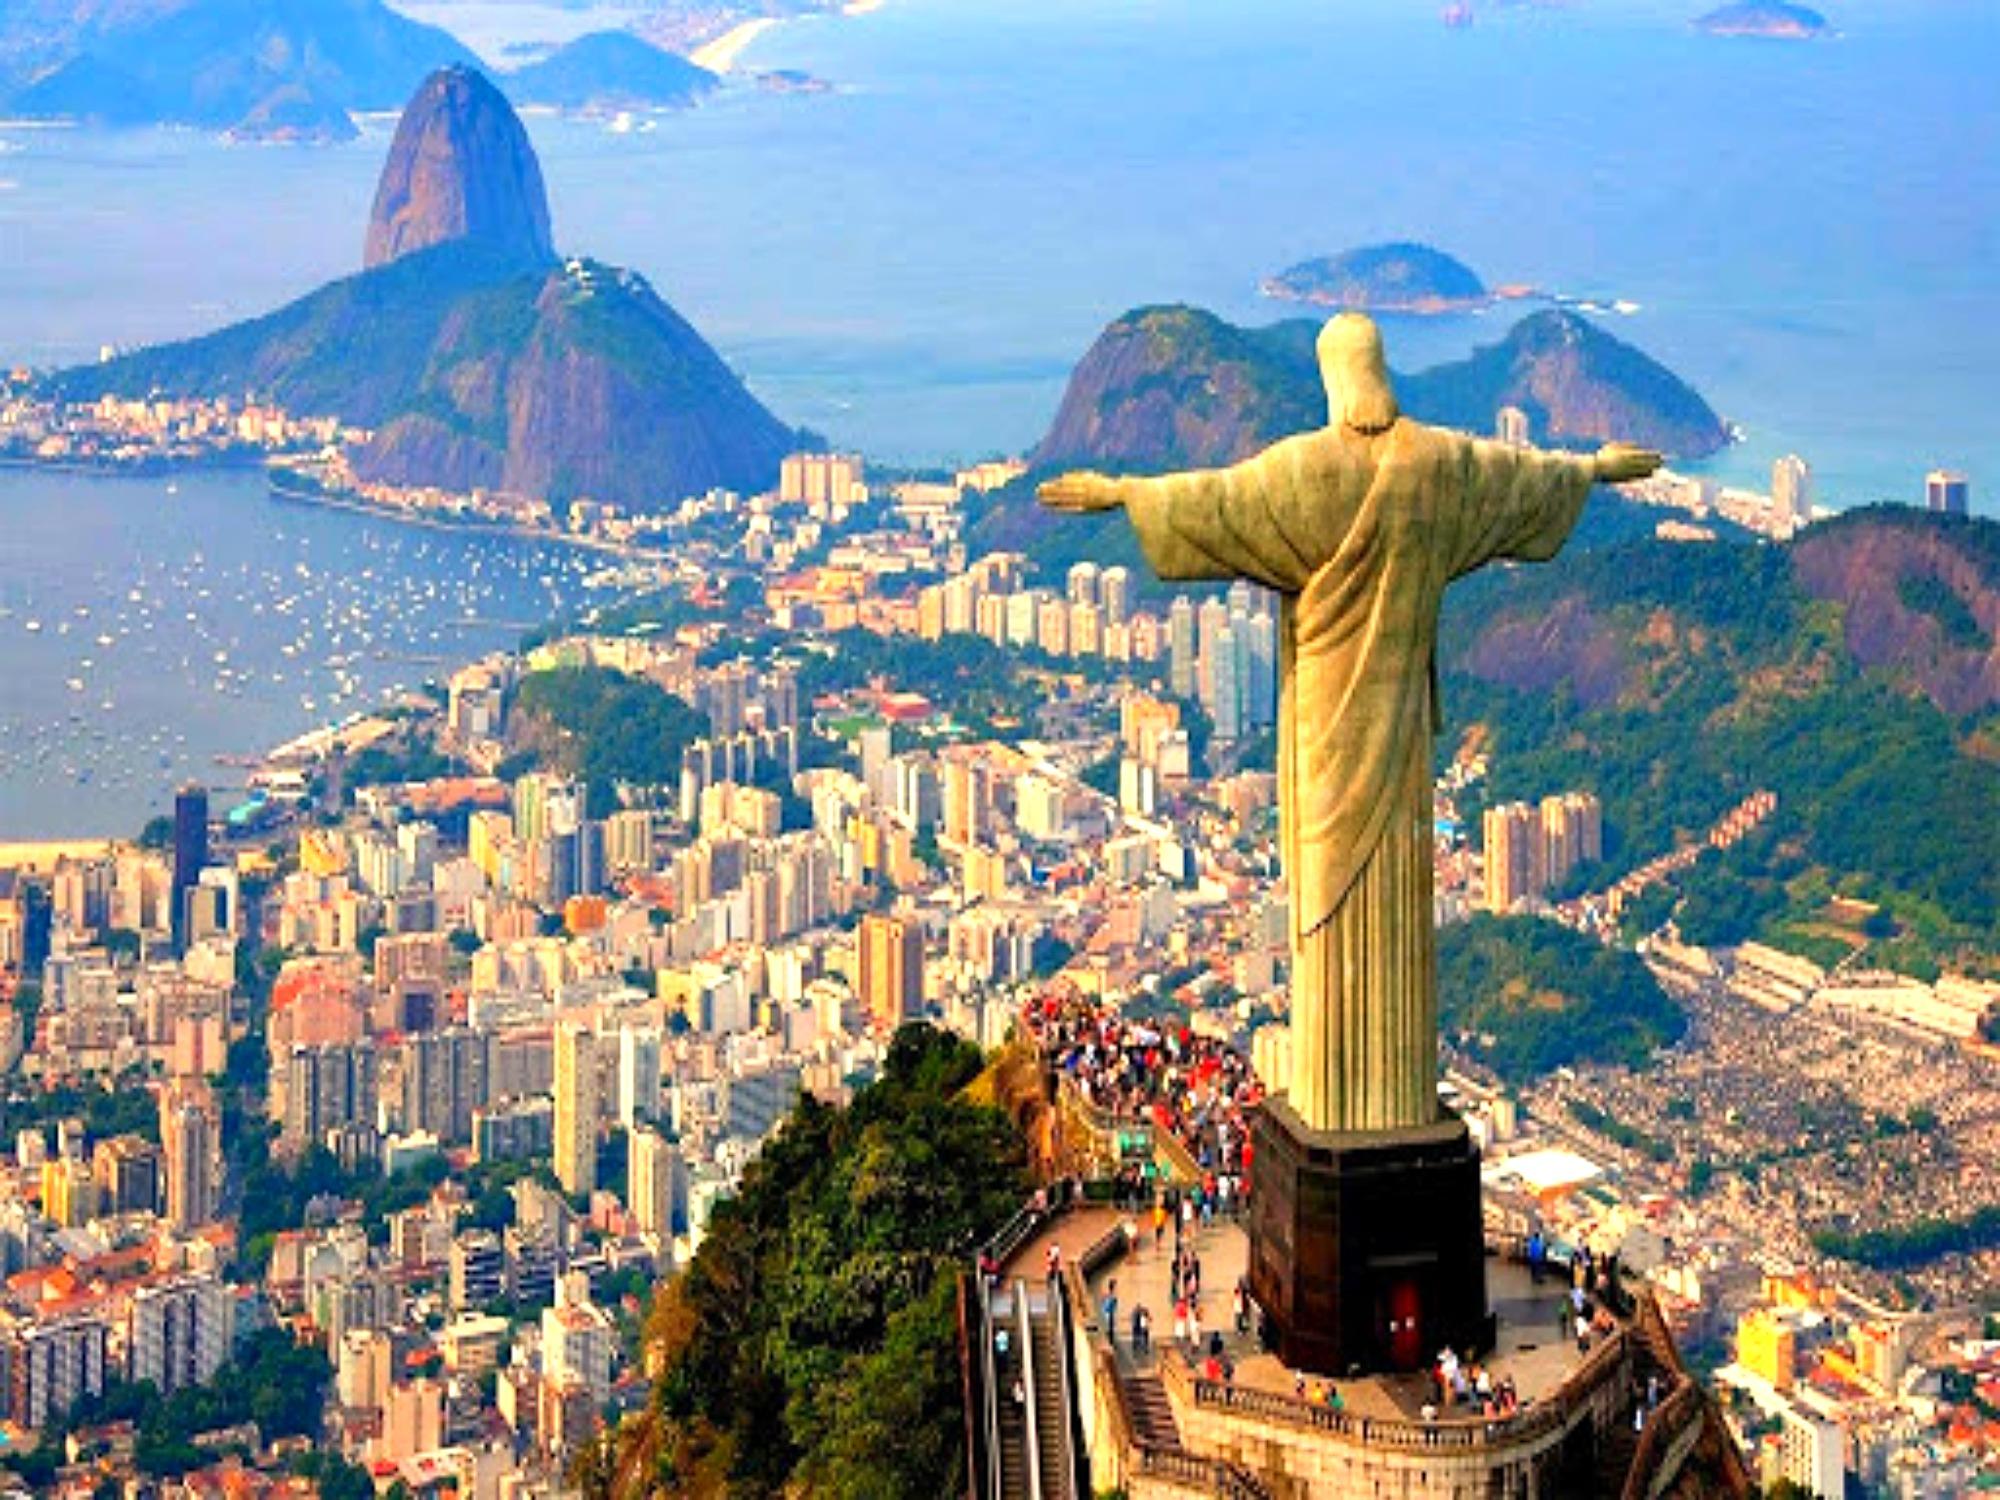 Kinh nghiệm du lịch Brazil tự túchiệu quả